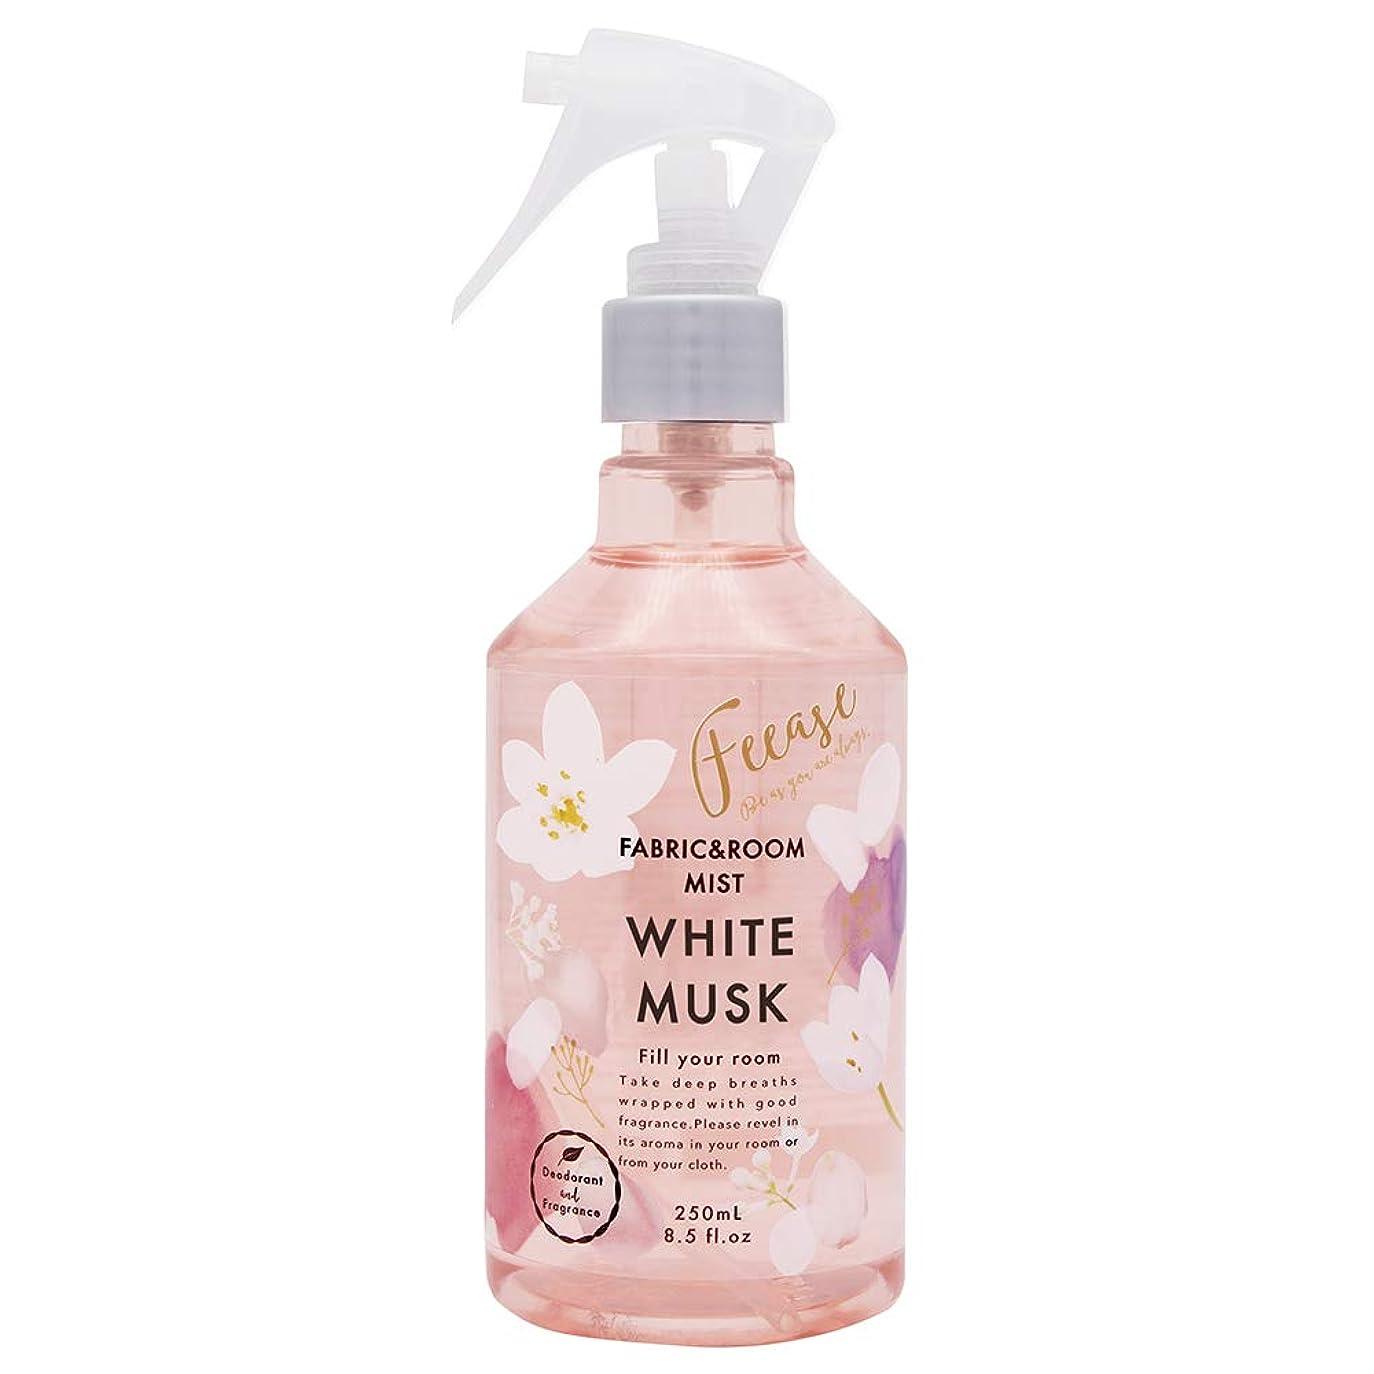 疑問に思う適切にかもめノルコーポレーション ルーム&ファブリックミスト フィース 消臭成分配合 ホワイトムスクの香り 250ml OA-FEE-1-2